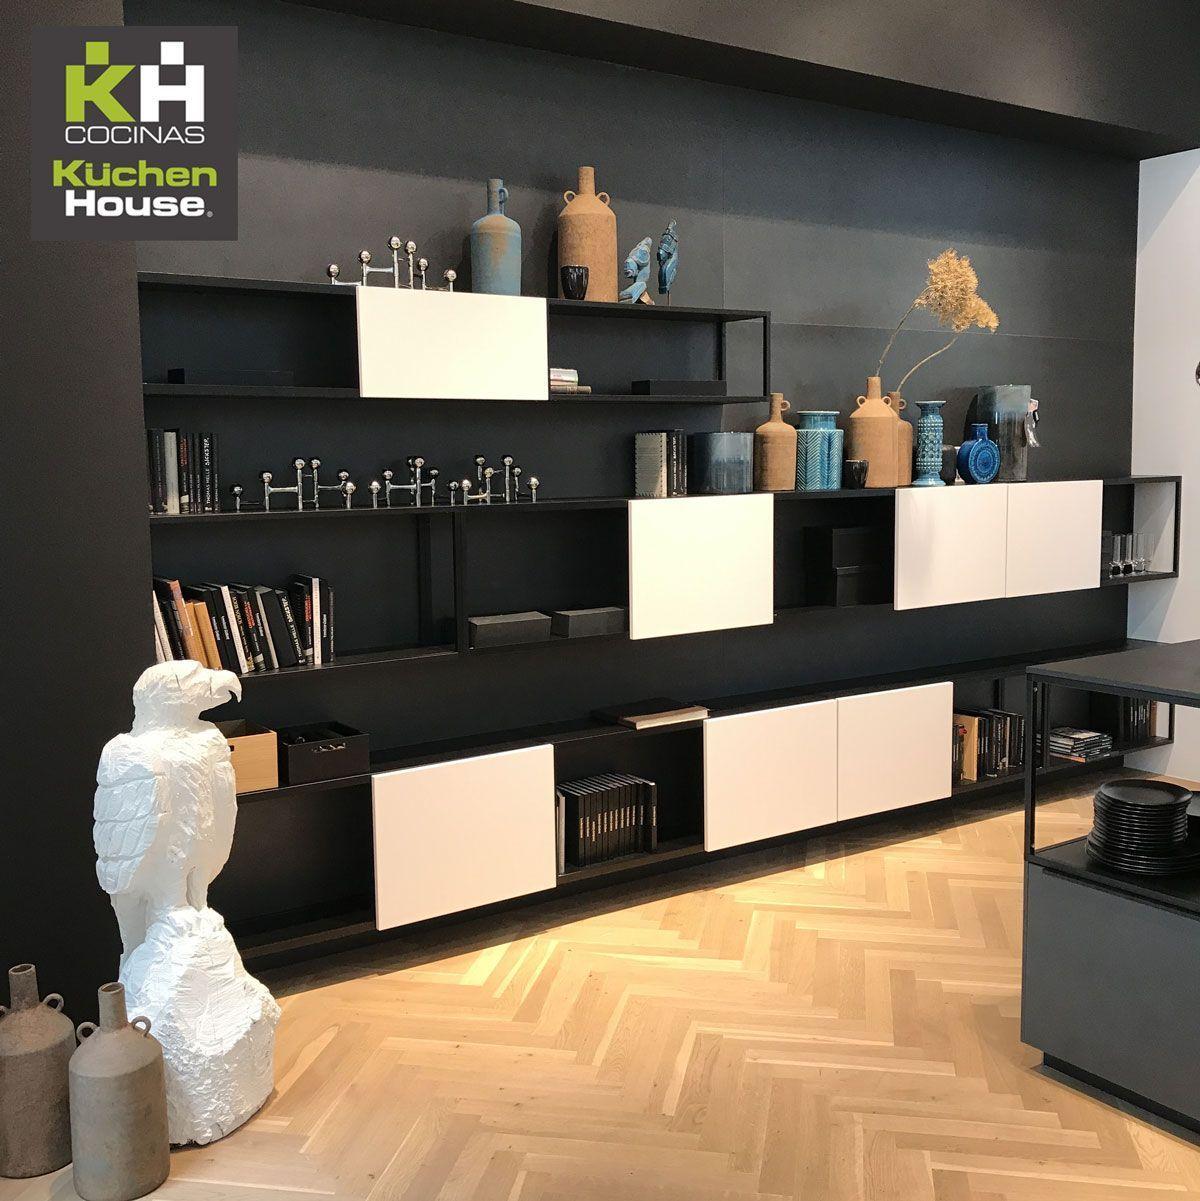 Llegan las Novedades 2018 en reformas de cocinas, dormitorios, armarios y hogar al Grupo KüchenHouse | Presupuestos sin compromiso